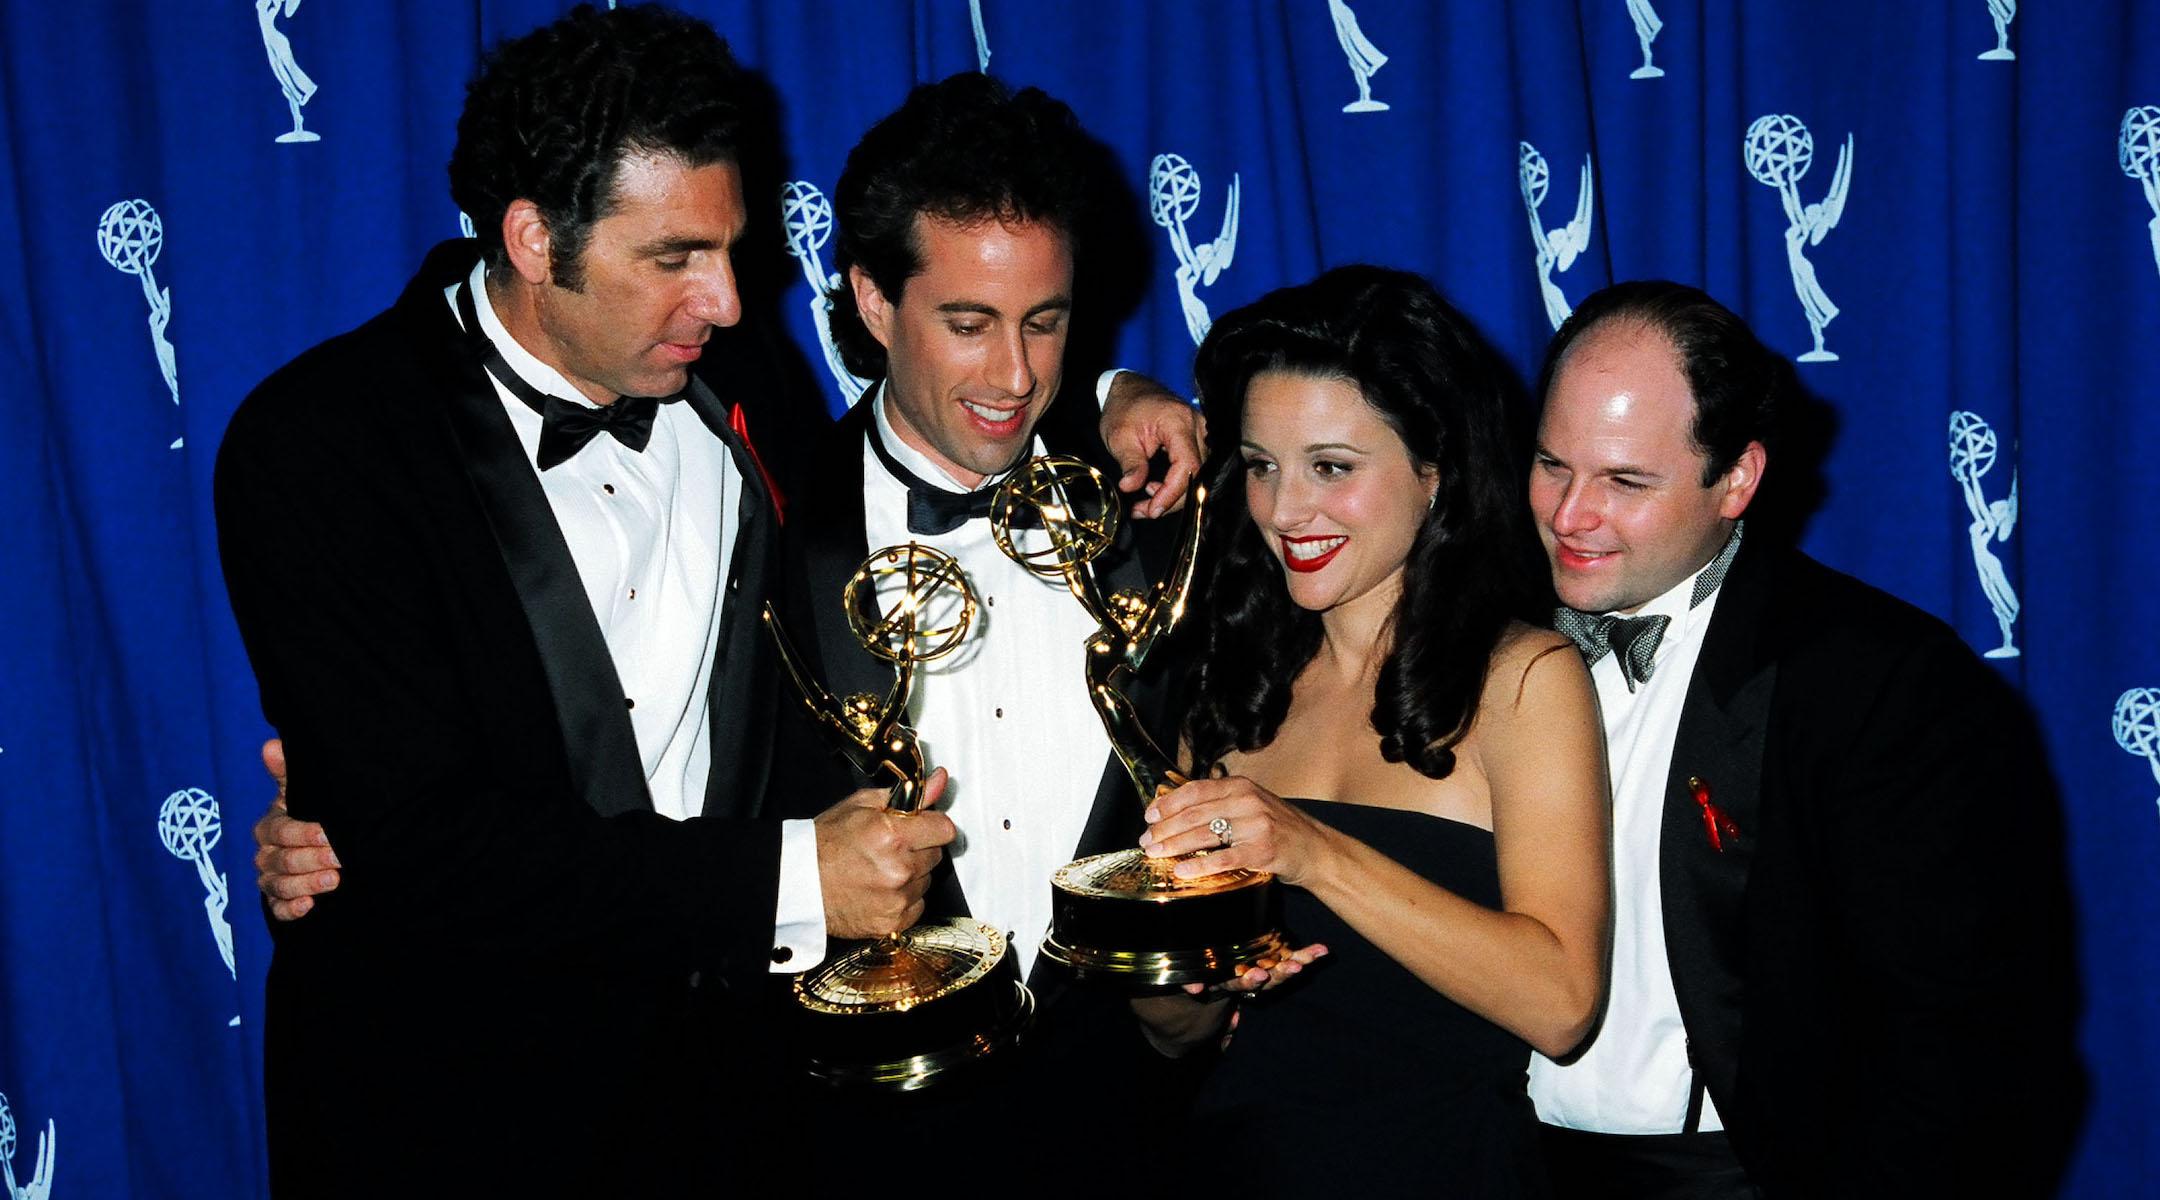 Is 'Seinfeld' still 'fresh' in 2019, like Netflix says it is?